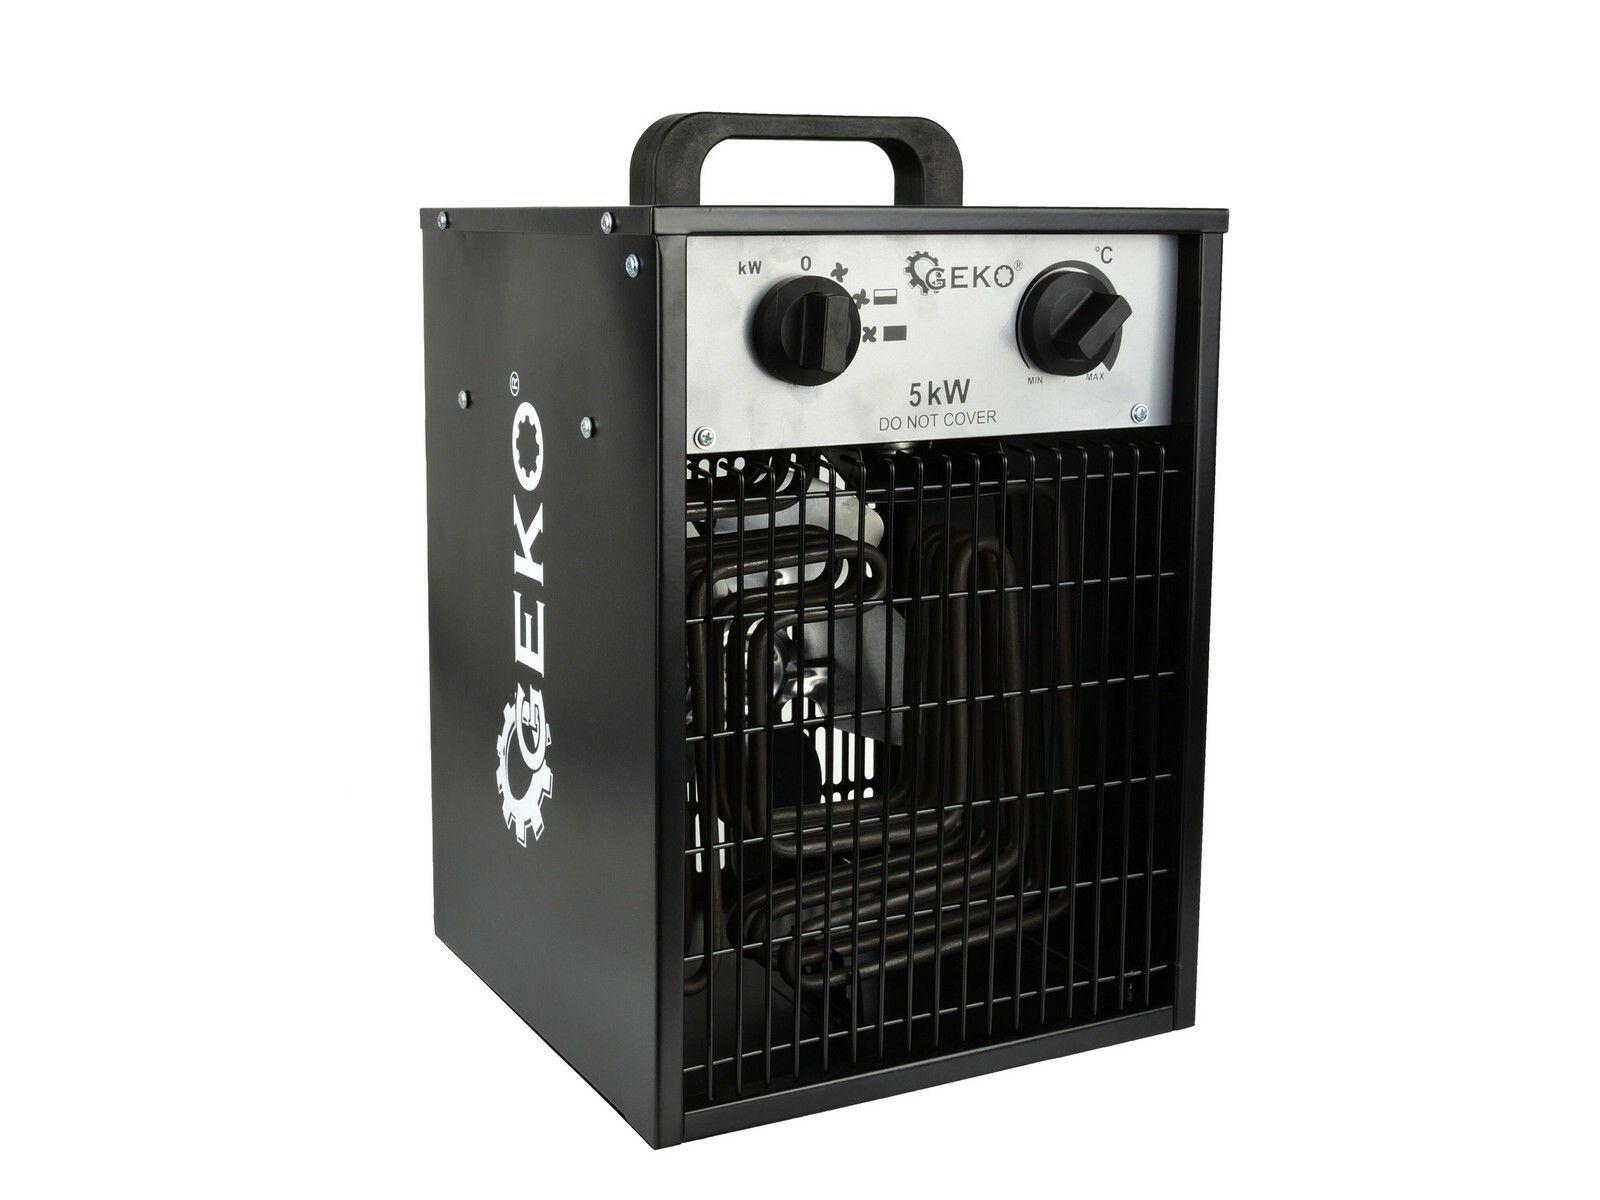 GEKO G80402 Elektrický ohřívač vzduchu s ventilátorem 5kW